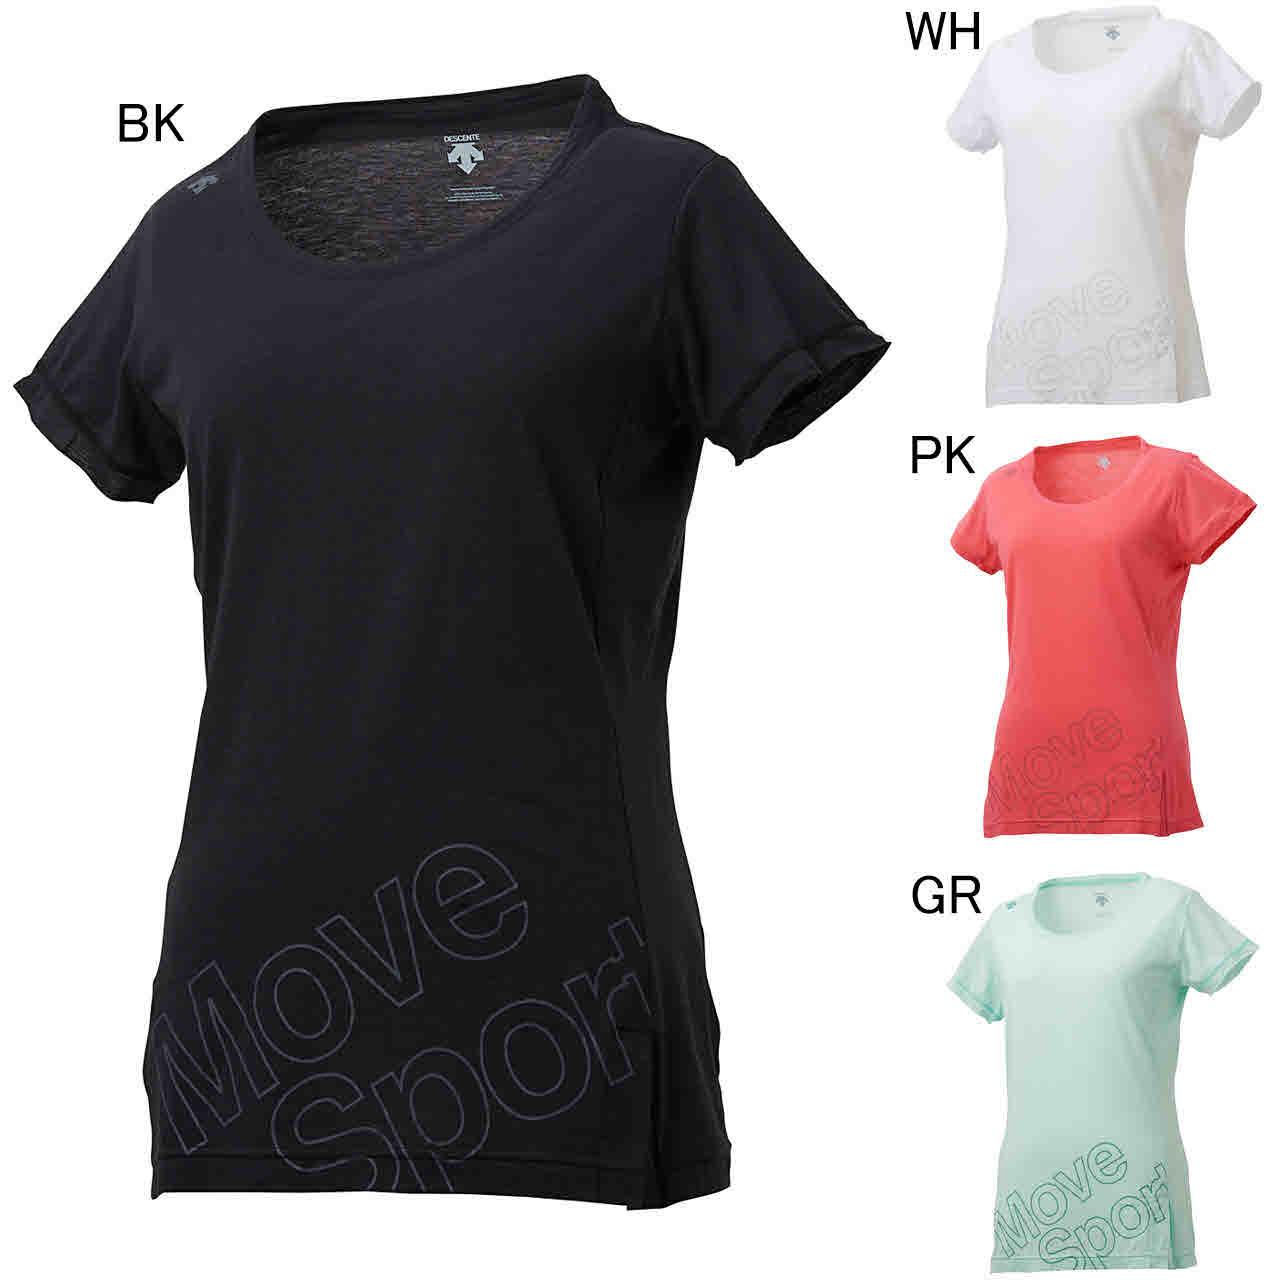 デサント エクササイズ フィットネス シャツ トップス レディース レディース モイスチャーニット Tシャツ DMWNJA53